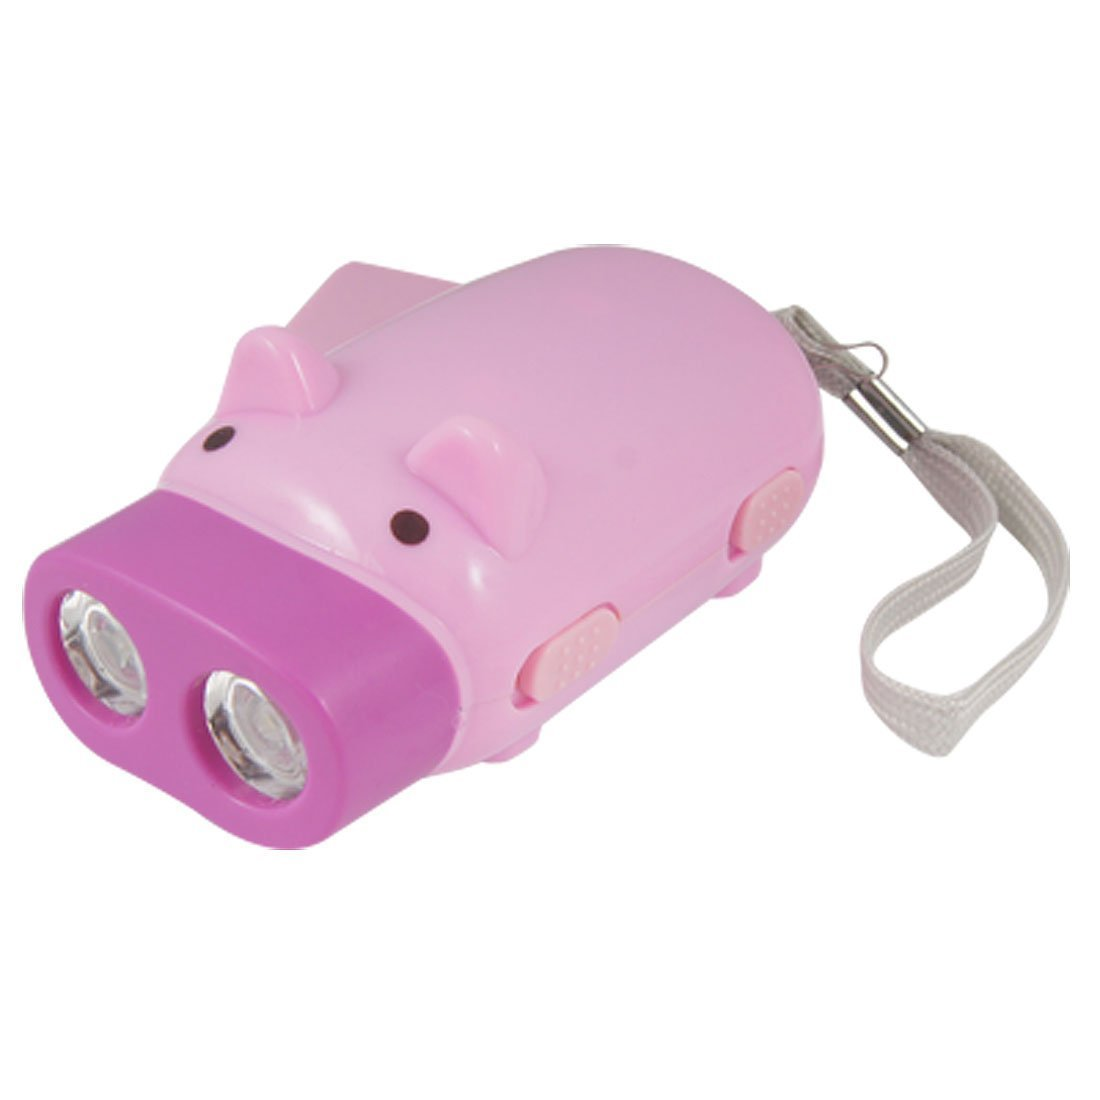 DealMux la historieta-cerdo-form-2 LED-luz de emergencia linterna pulse Rosa fucsia